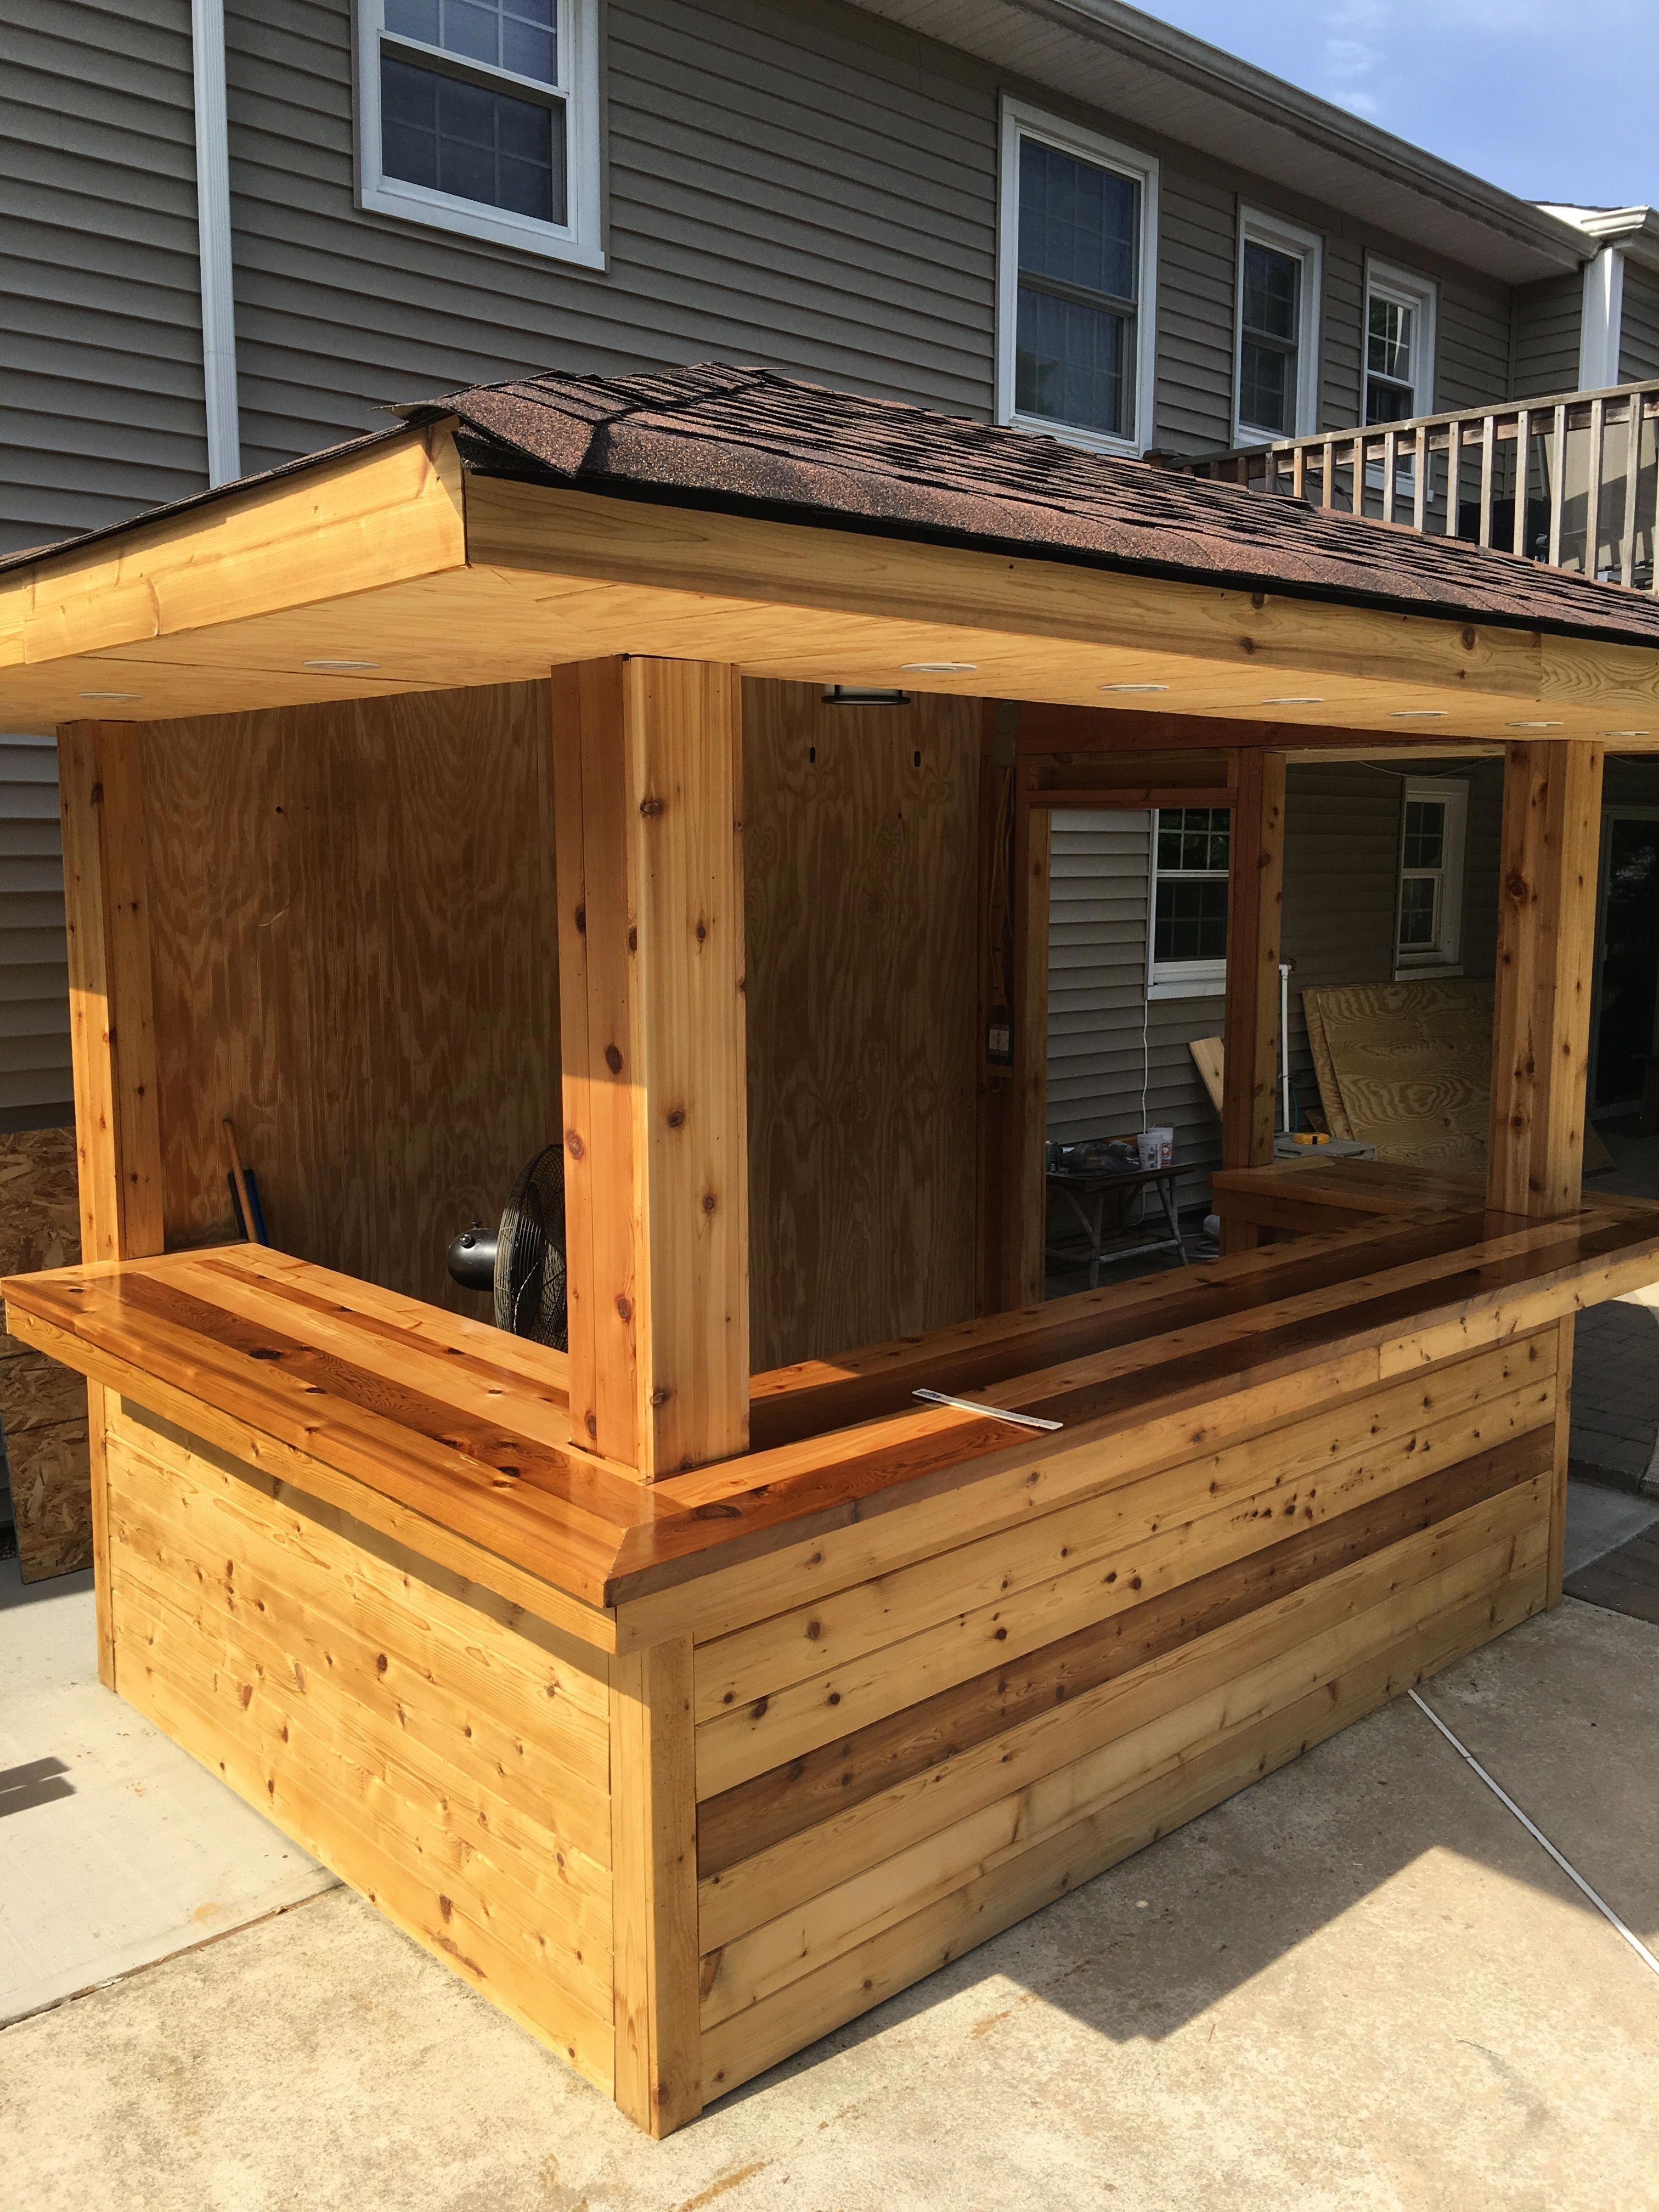 garden shed ideas diy #gardenshedideasdiy | Backyard bar ...